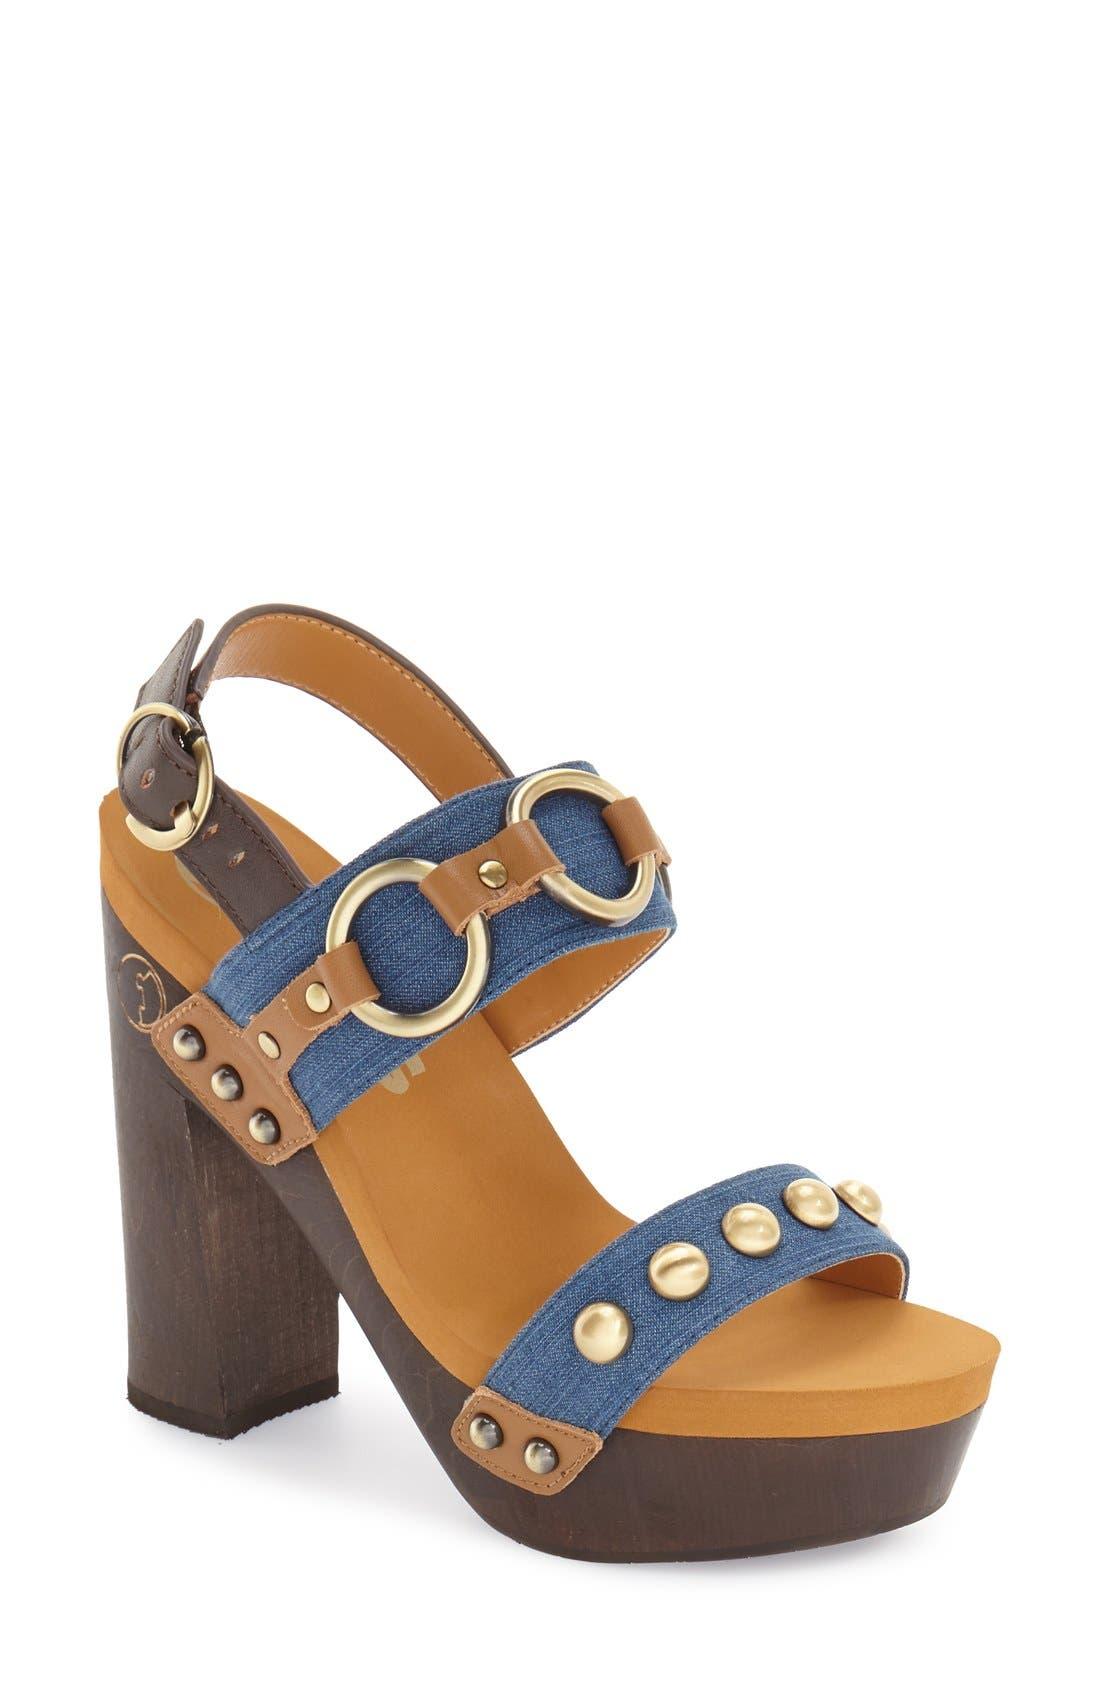 Alternate Image 1 Selected - Flogg 'Entrada' Stud Harness Platform Sandal (Women)